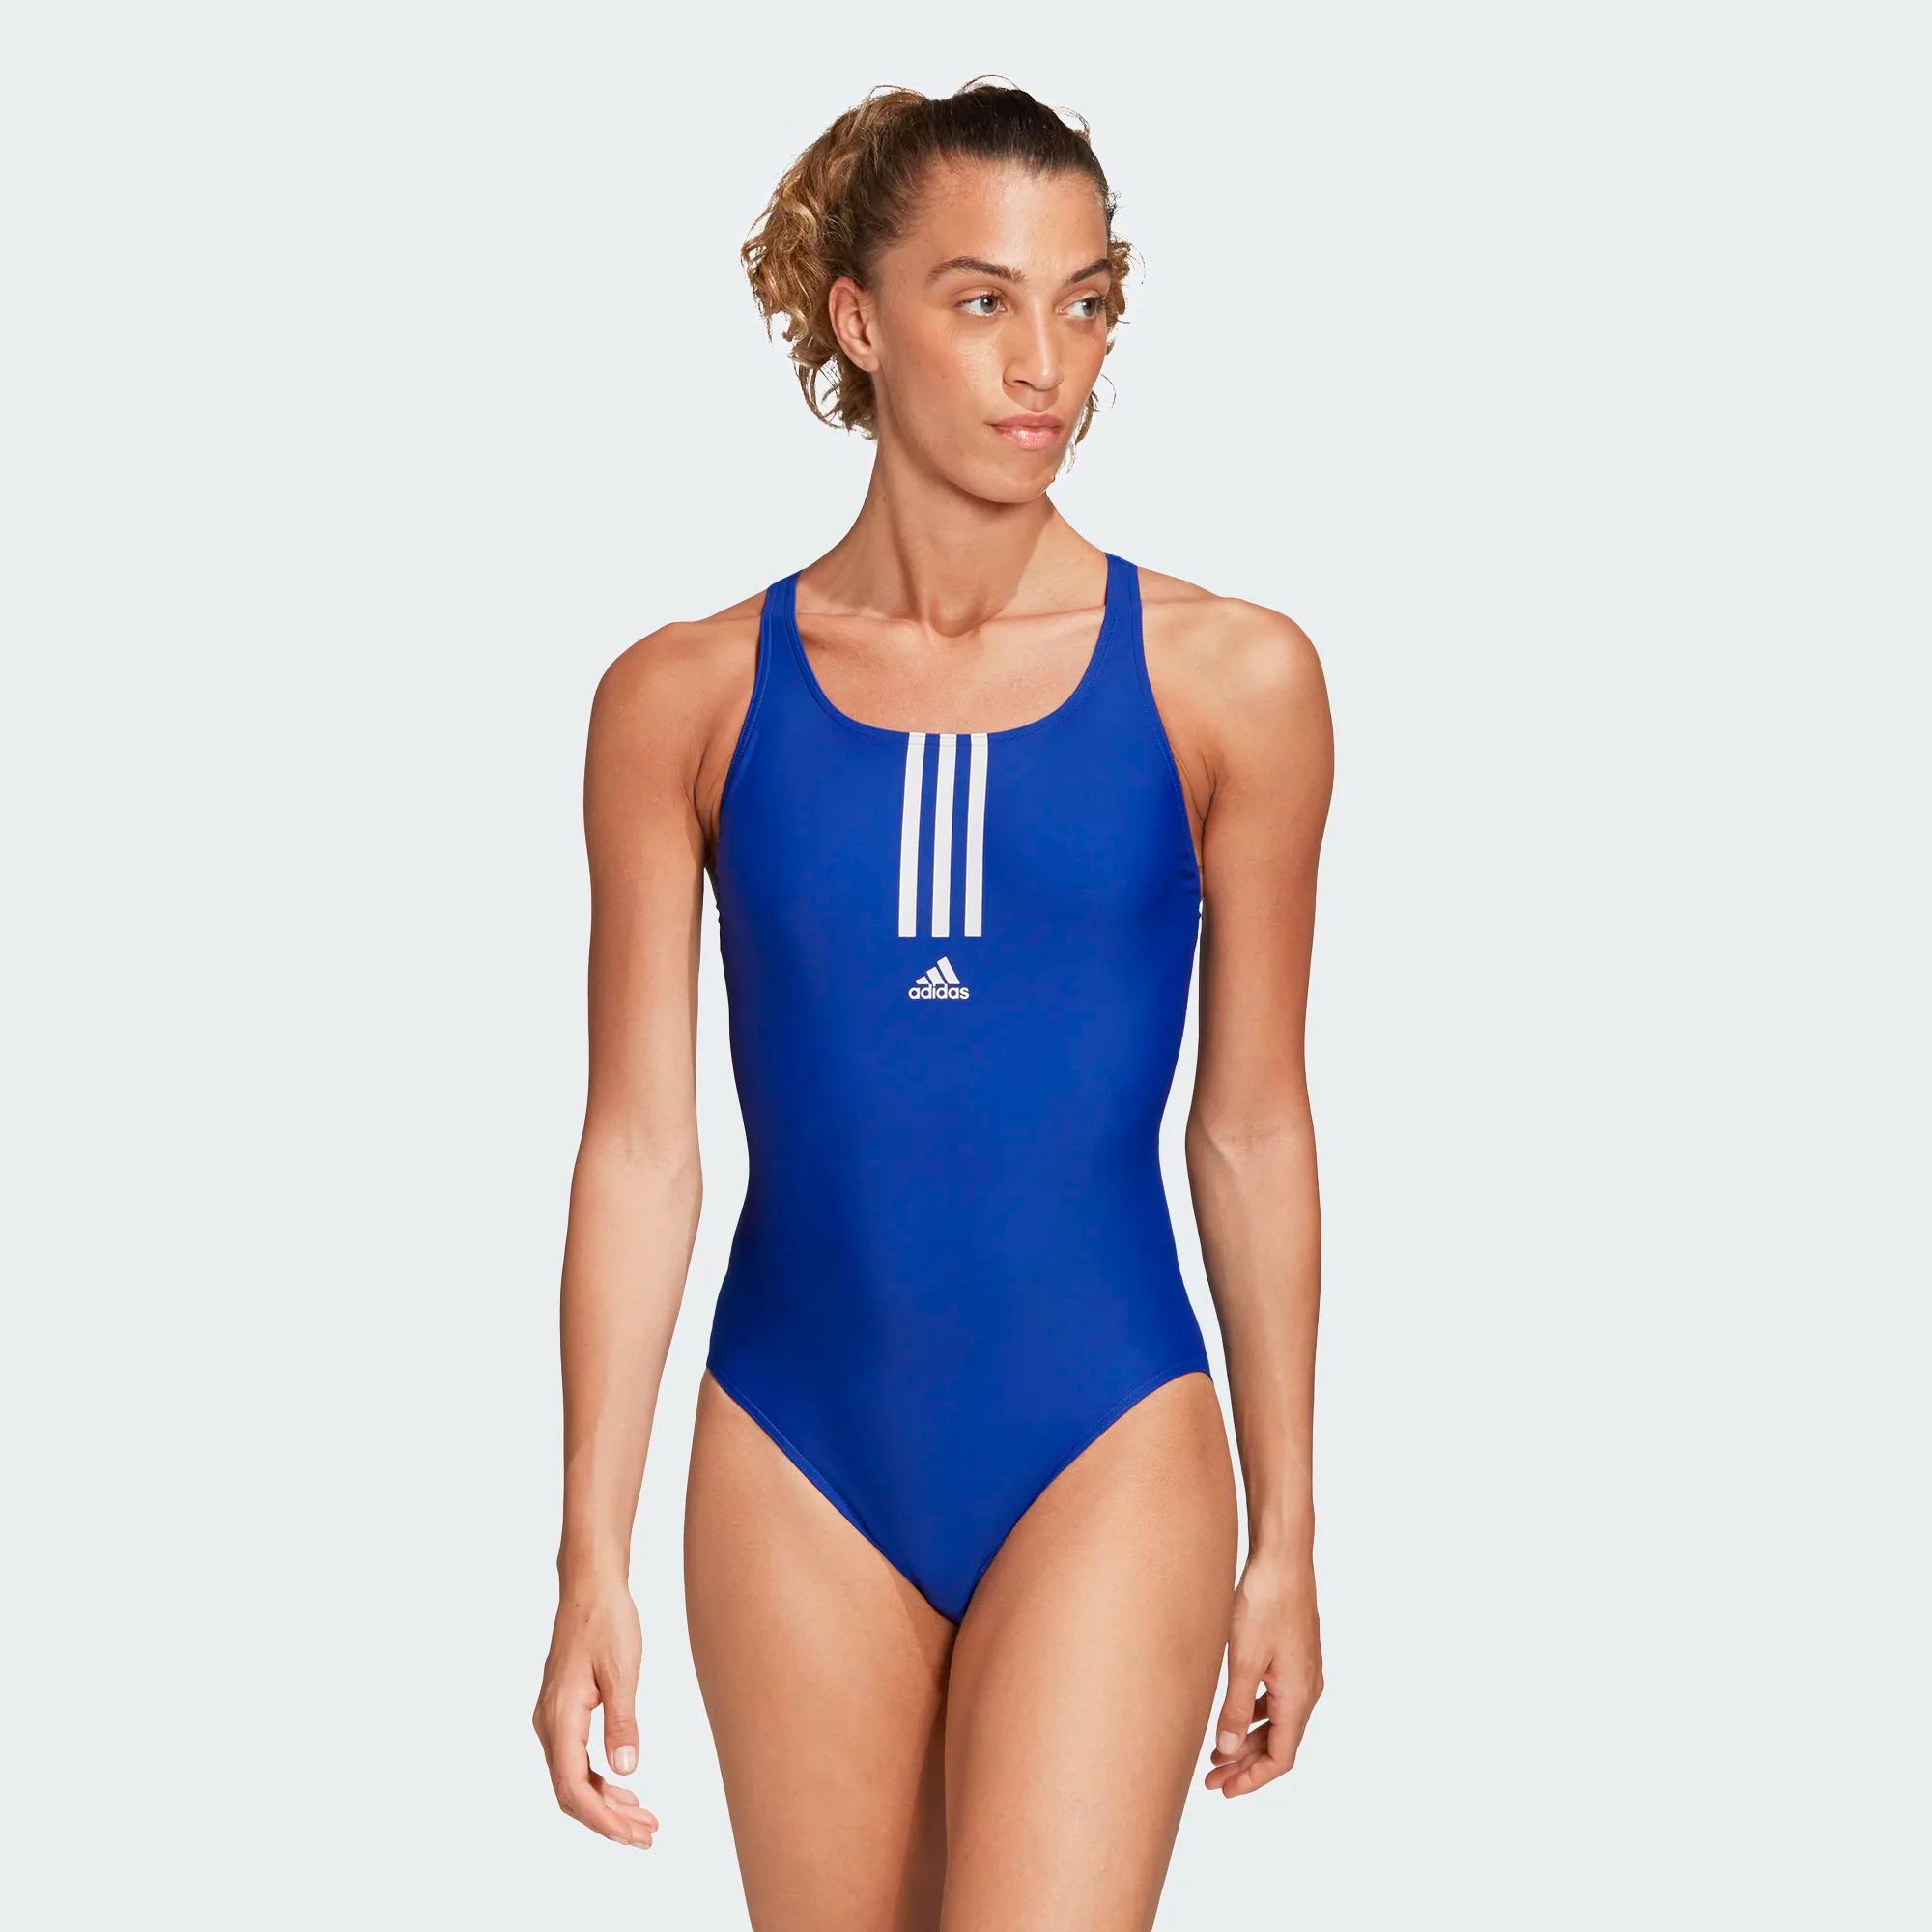 Adidas SH3.RO Mid 3-Streifen Badeanzug - blau/weiß